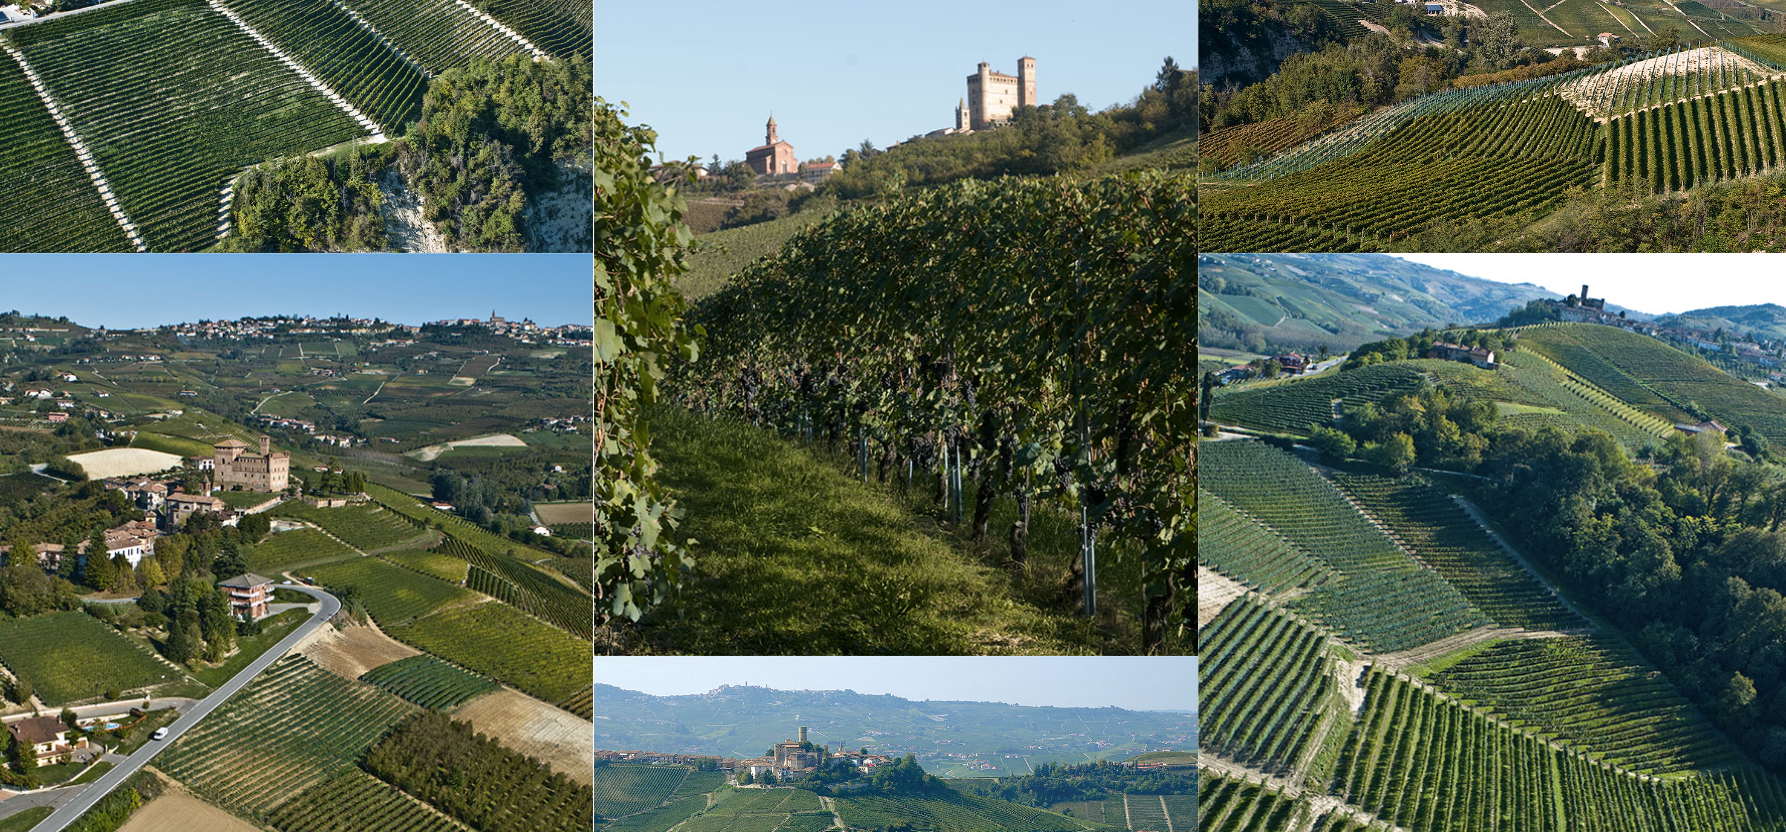 Weinberge-Flasche-Wein-Keller-Glas-Barolo-Piemont-Sordo-Giovanni